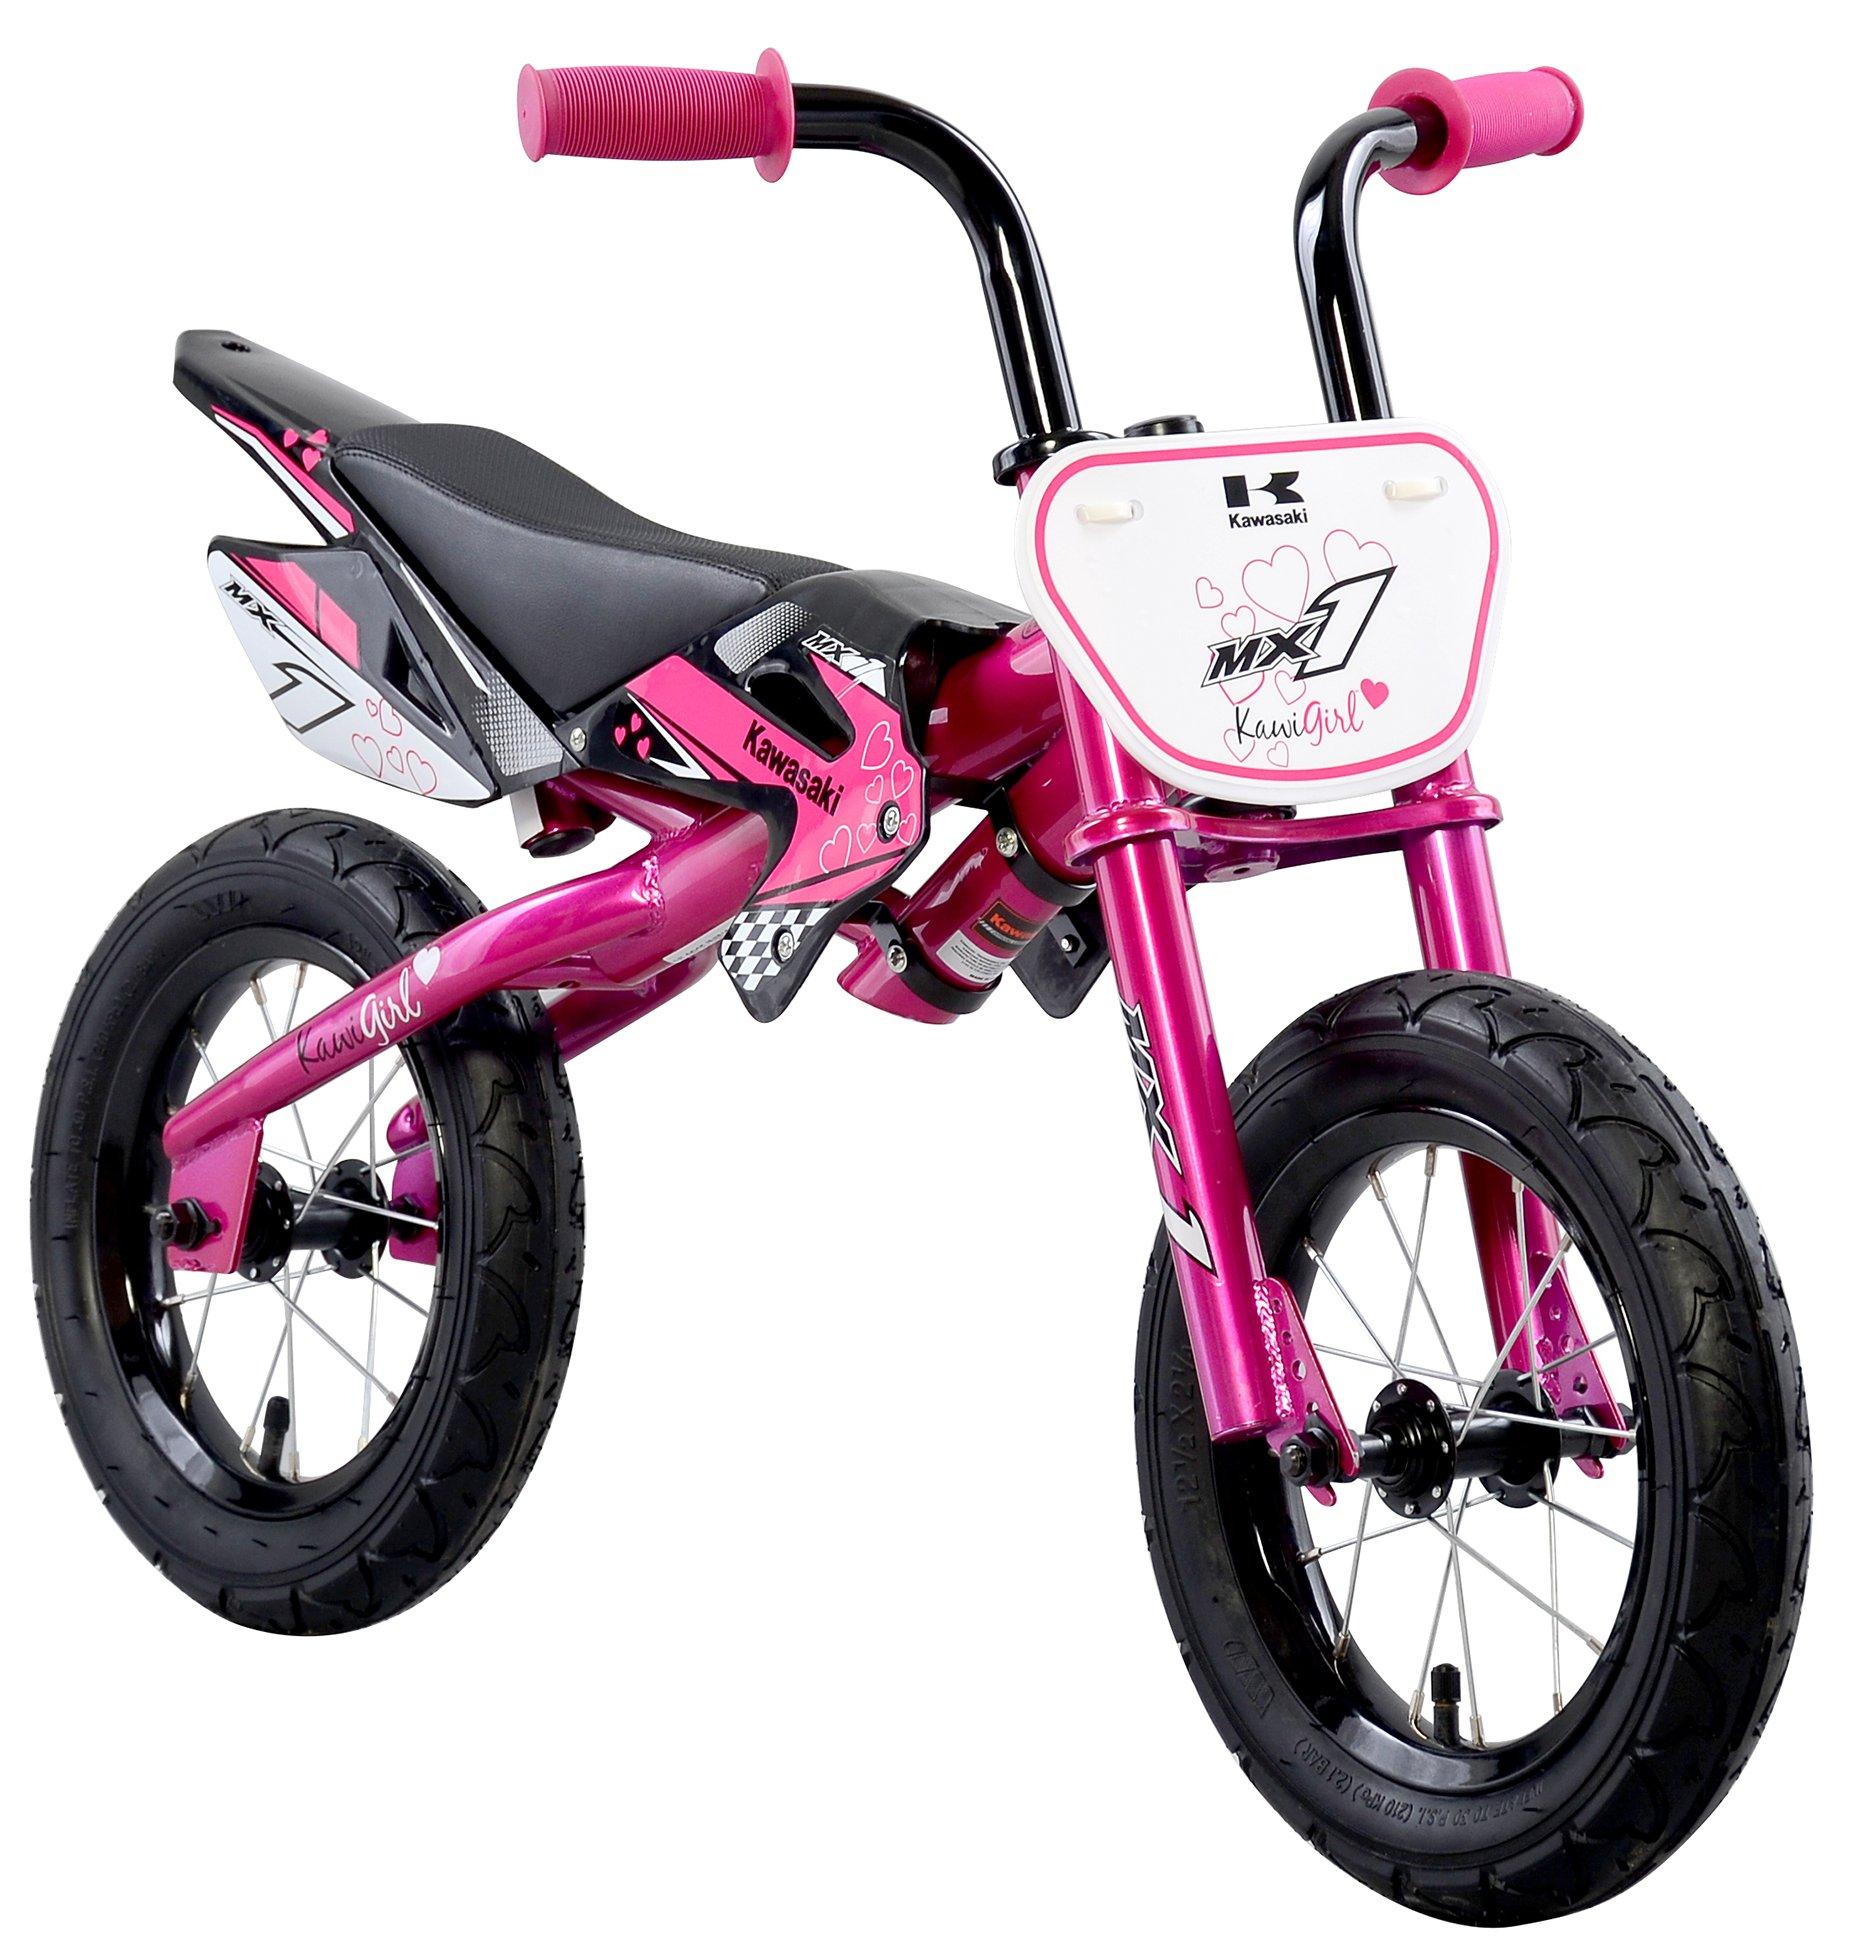 Kawasaki MX1 Pink Balance Running Bike